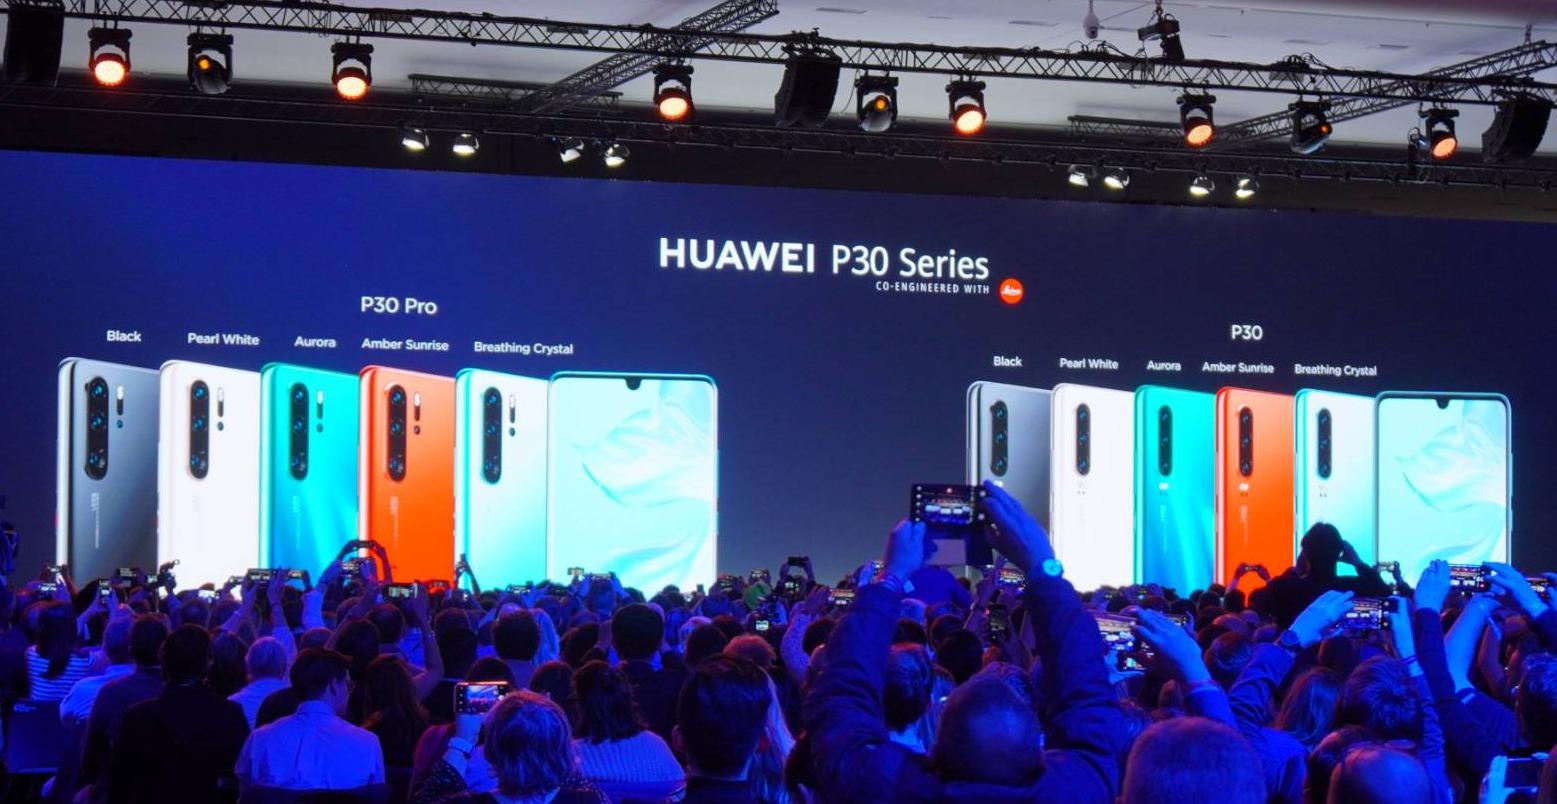 華為 P30 / P30 Pro 發表,4000 萬畫素鏡頭、10 倍混合變焦